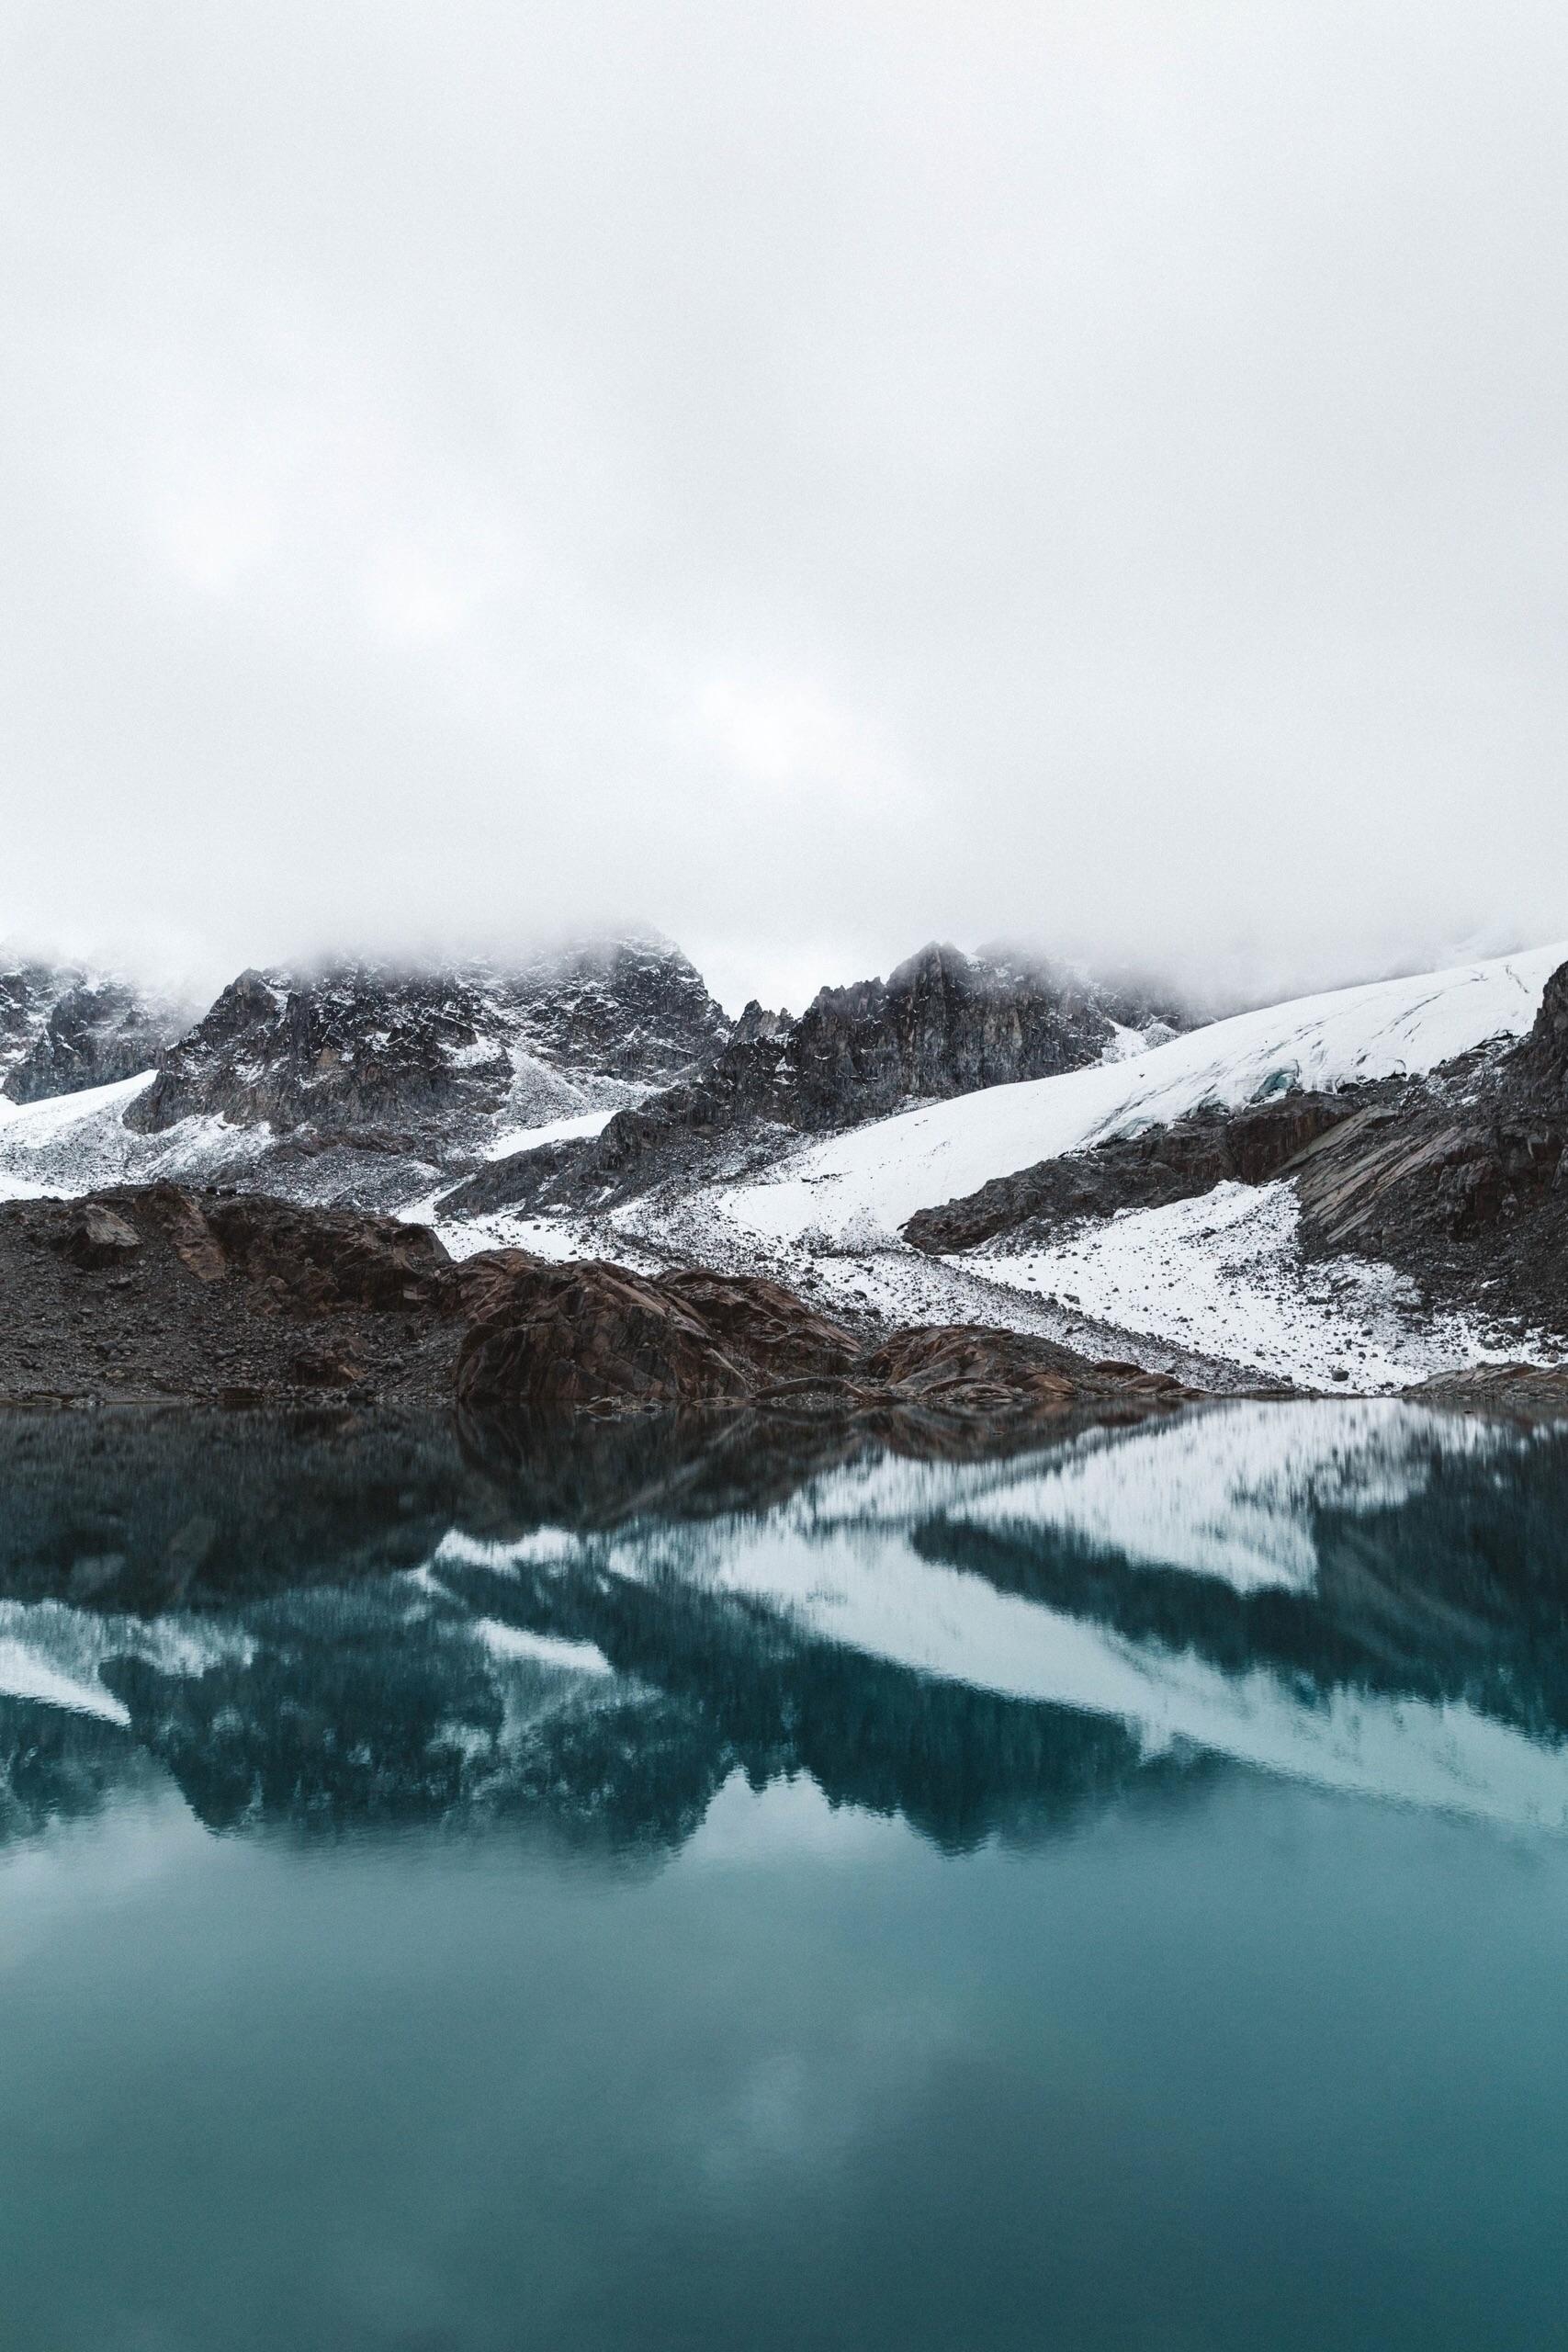 Illusion Talkeetna Mountains, A - connorgrasso | ello